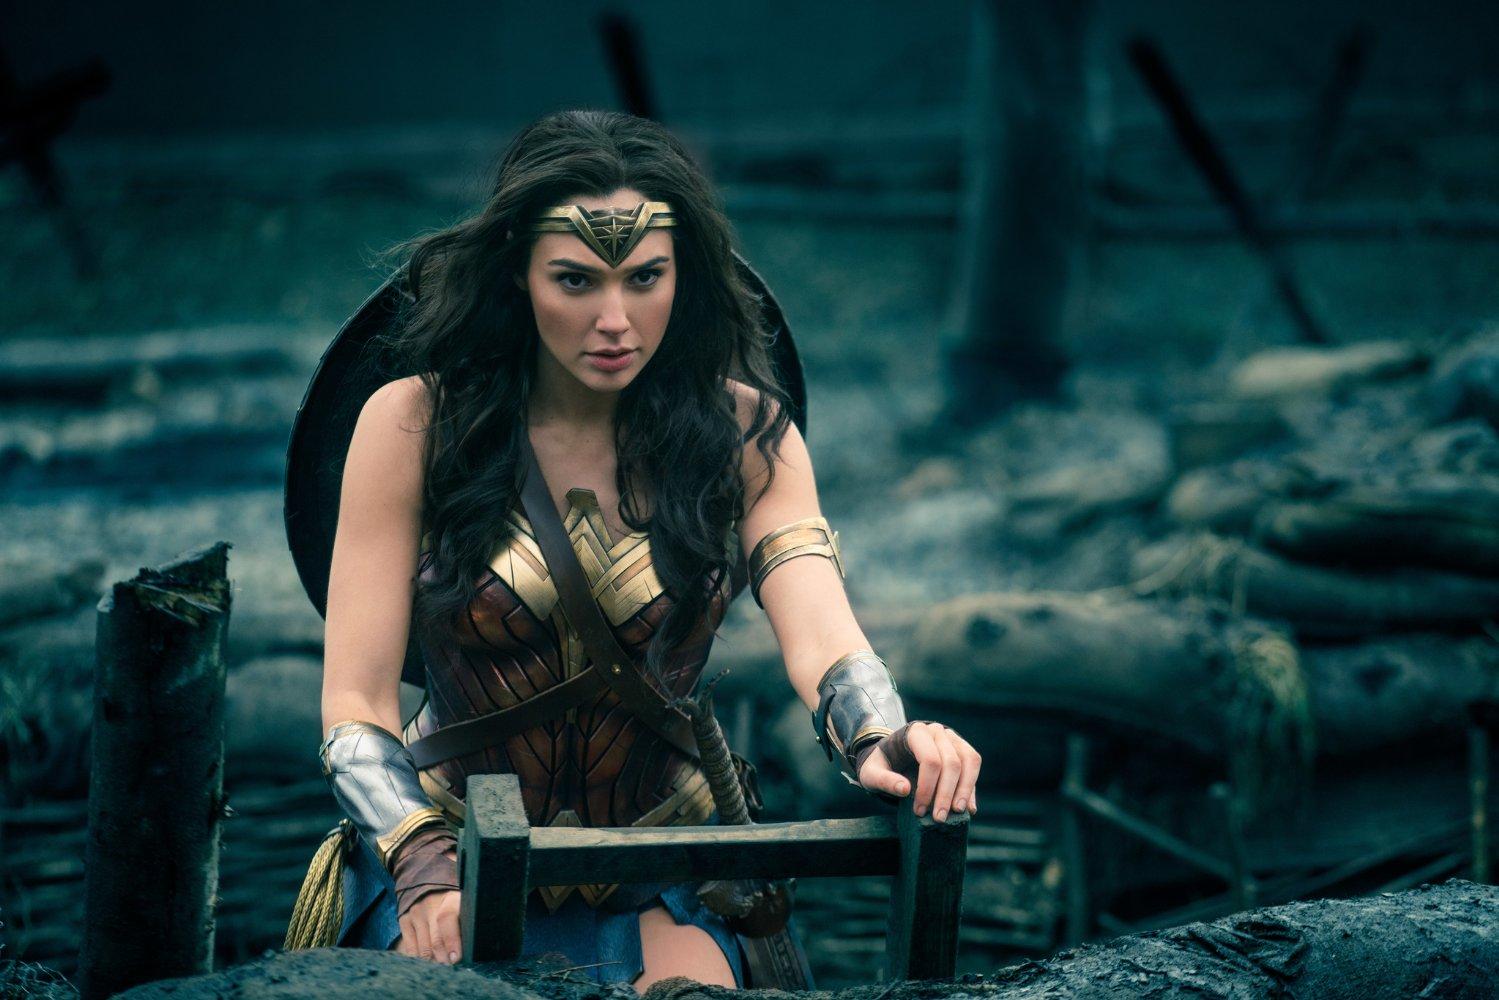 神力女超人的身材跟能力不科學?那是因為你漏看了她科學的那一面